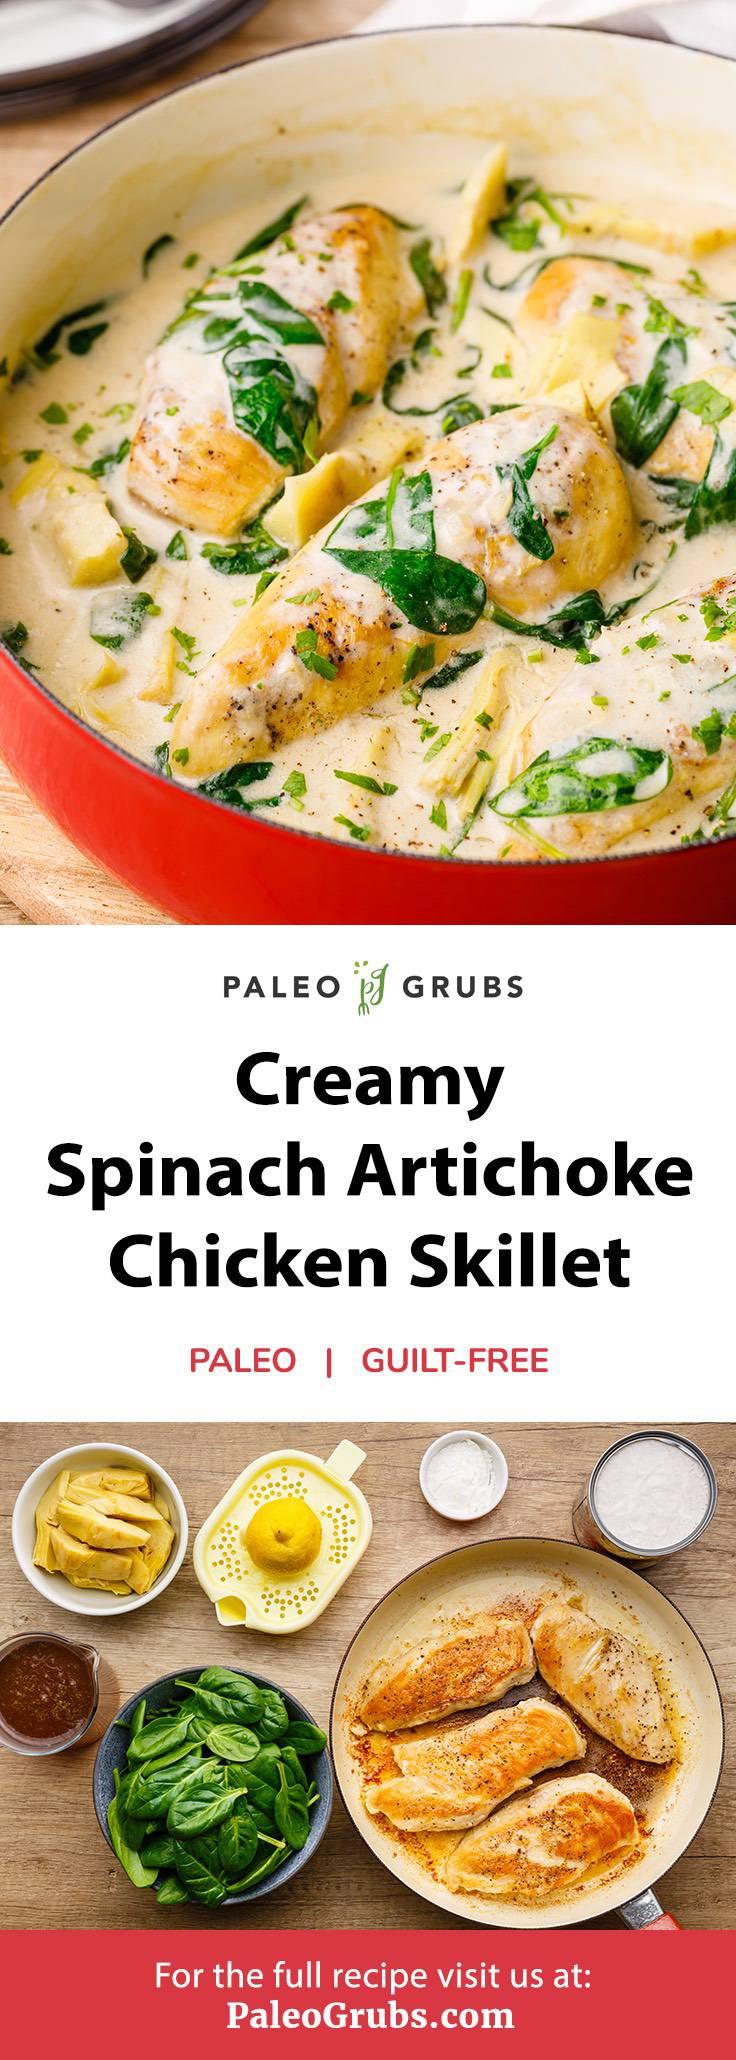 Spinach Artichoke Chicken Skillet